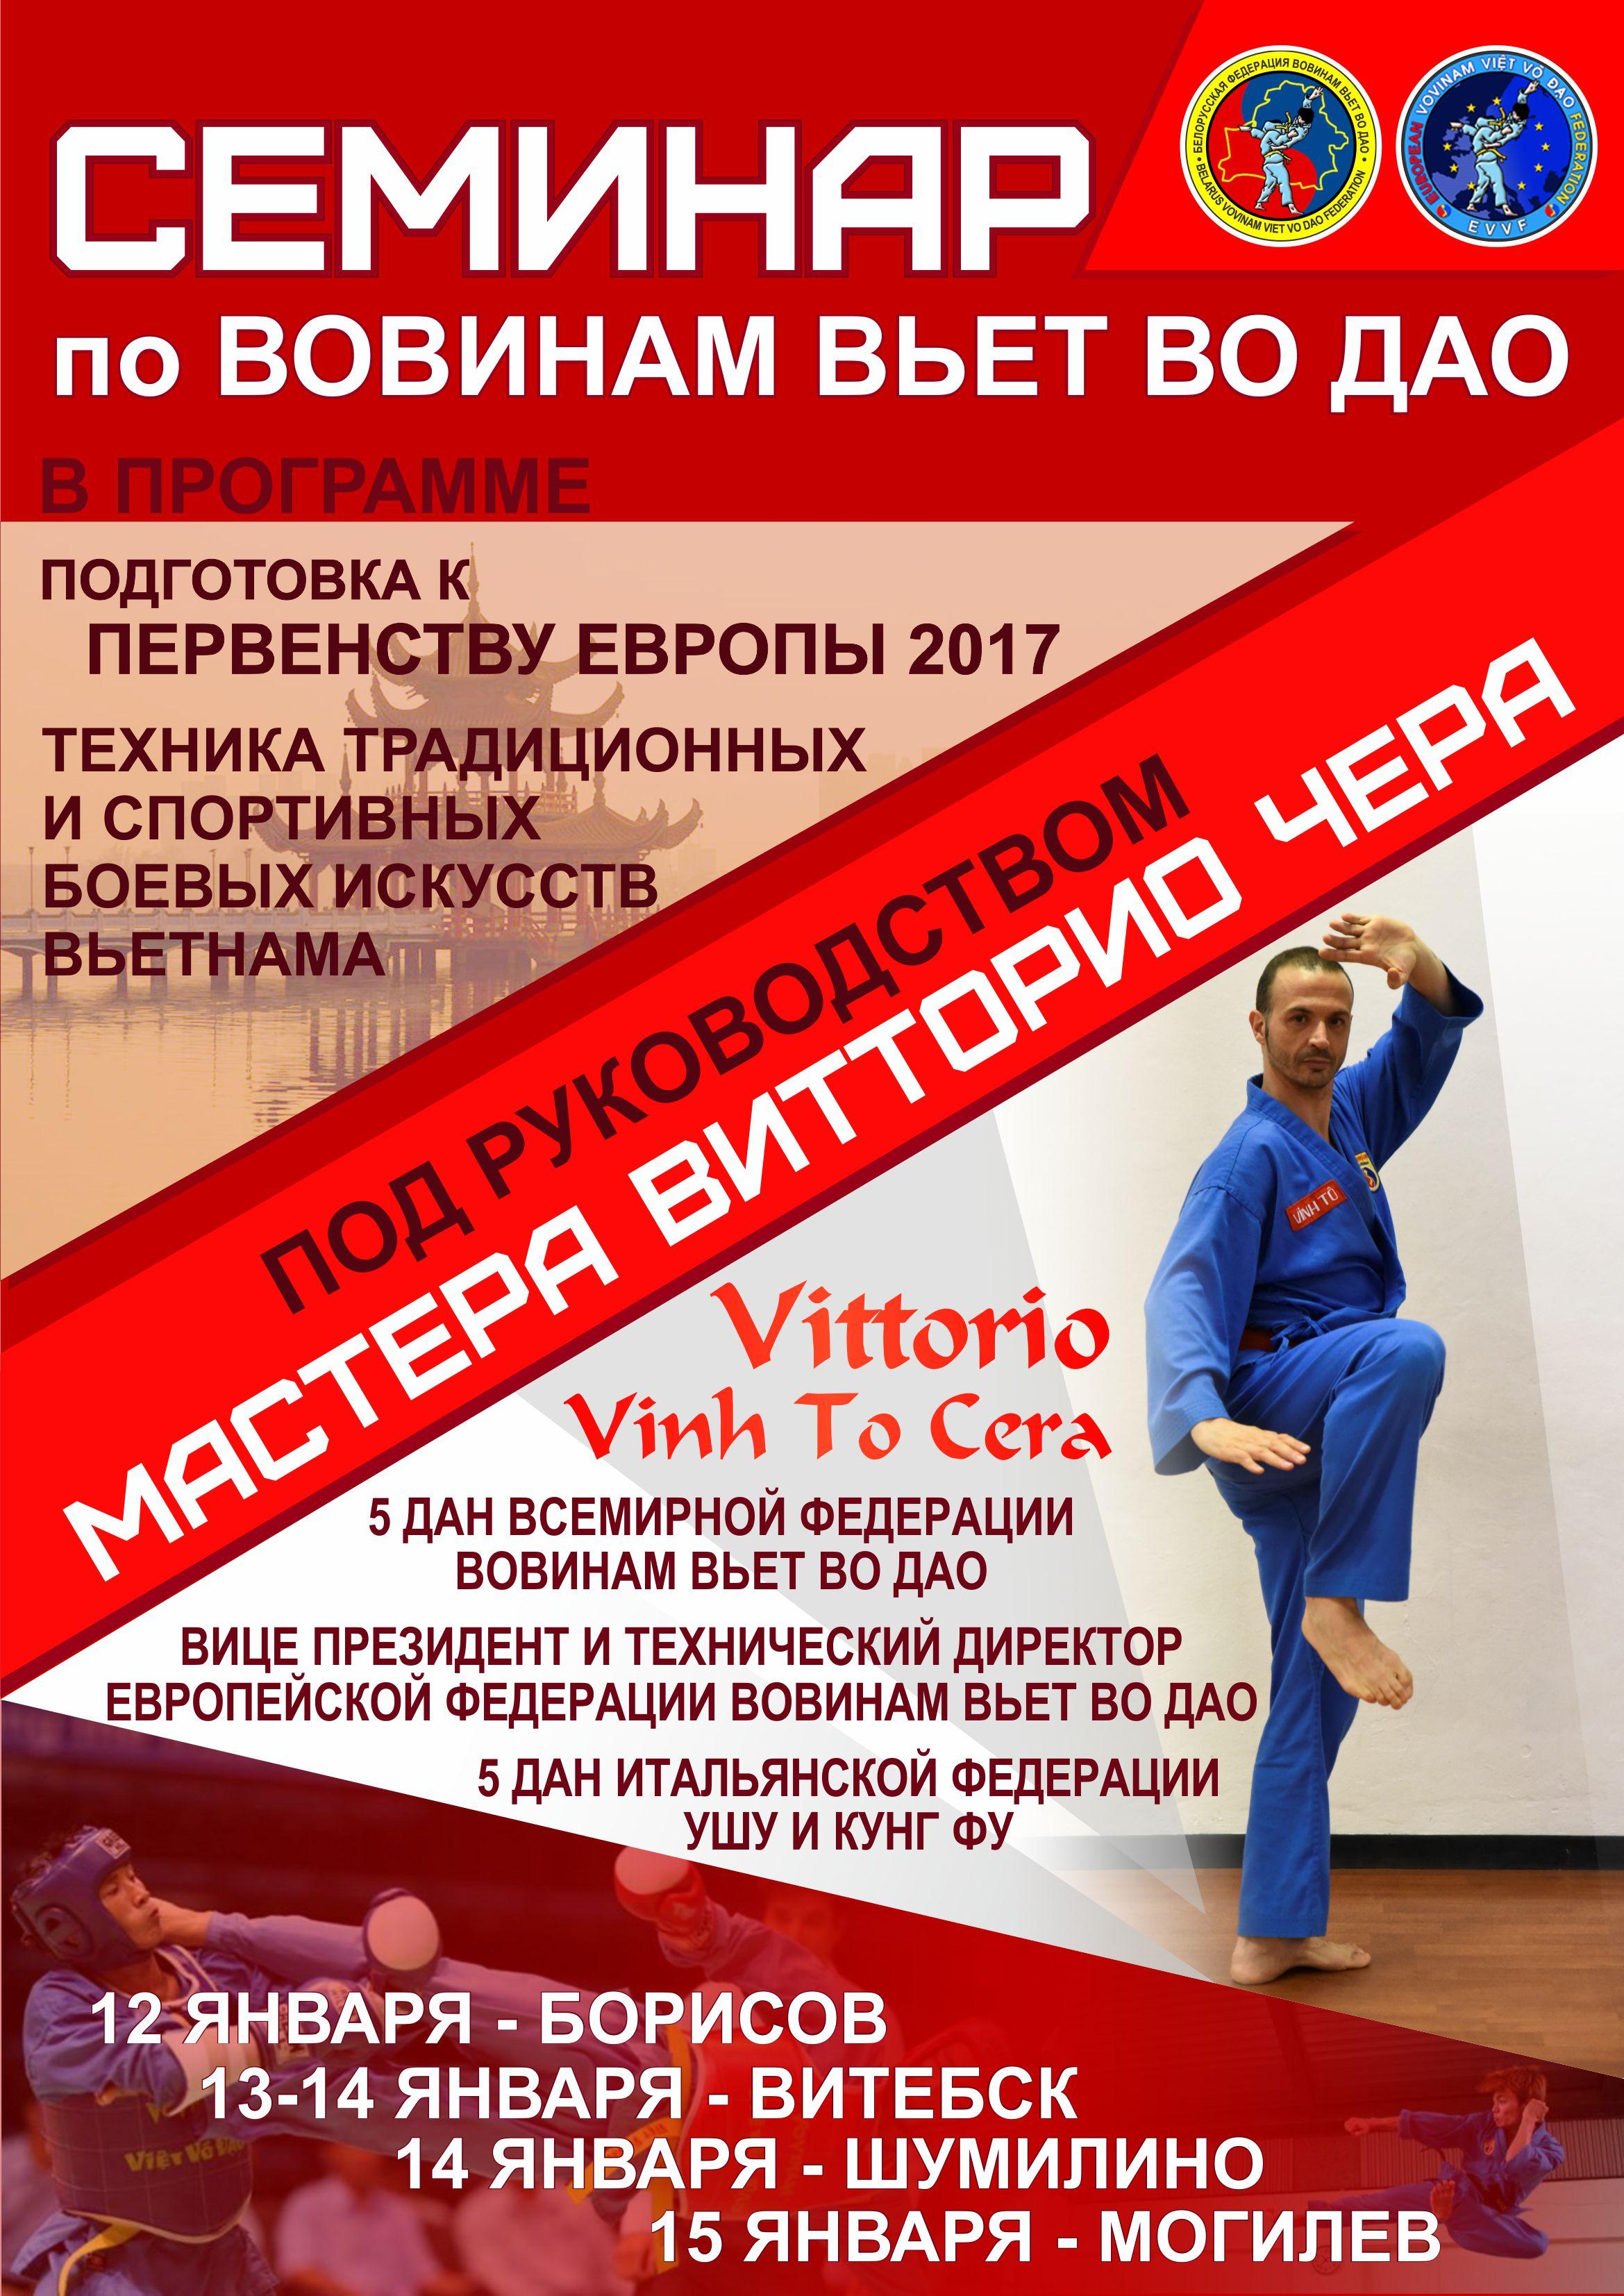 Poster Seminar Belarus 2017